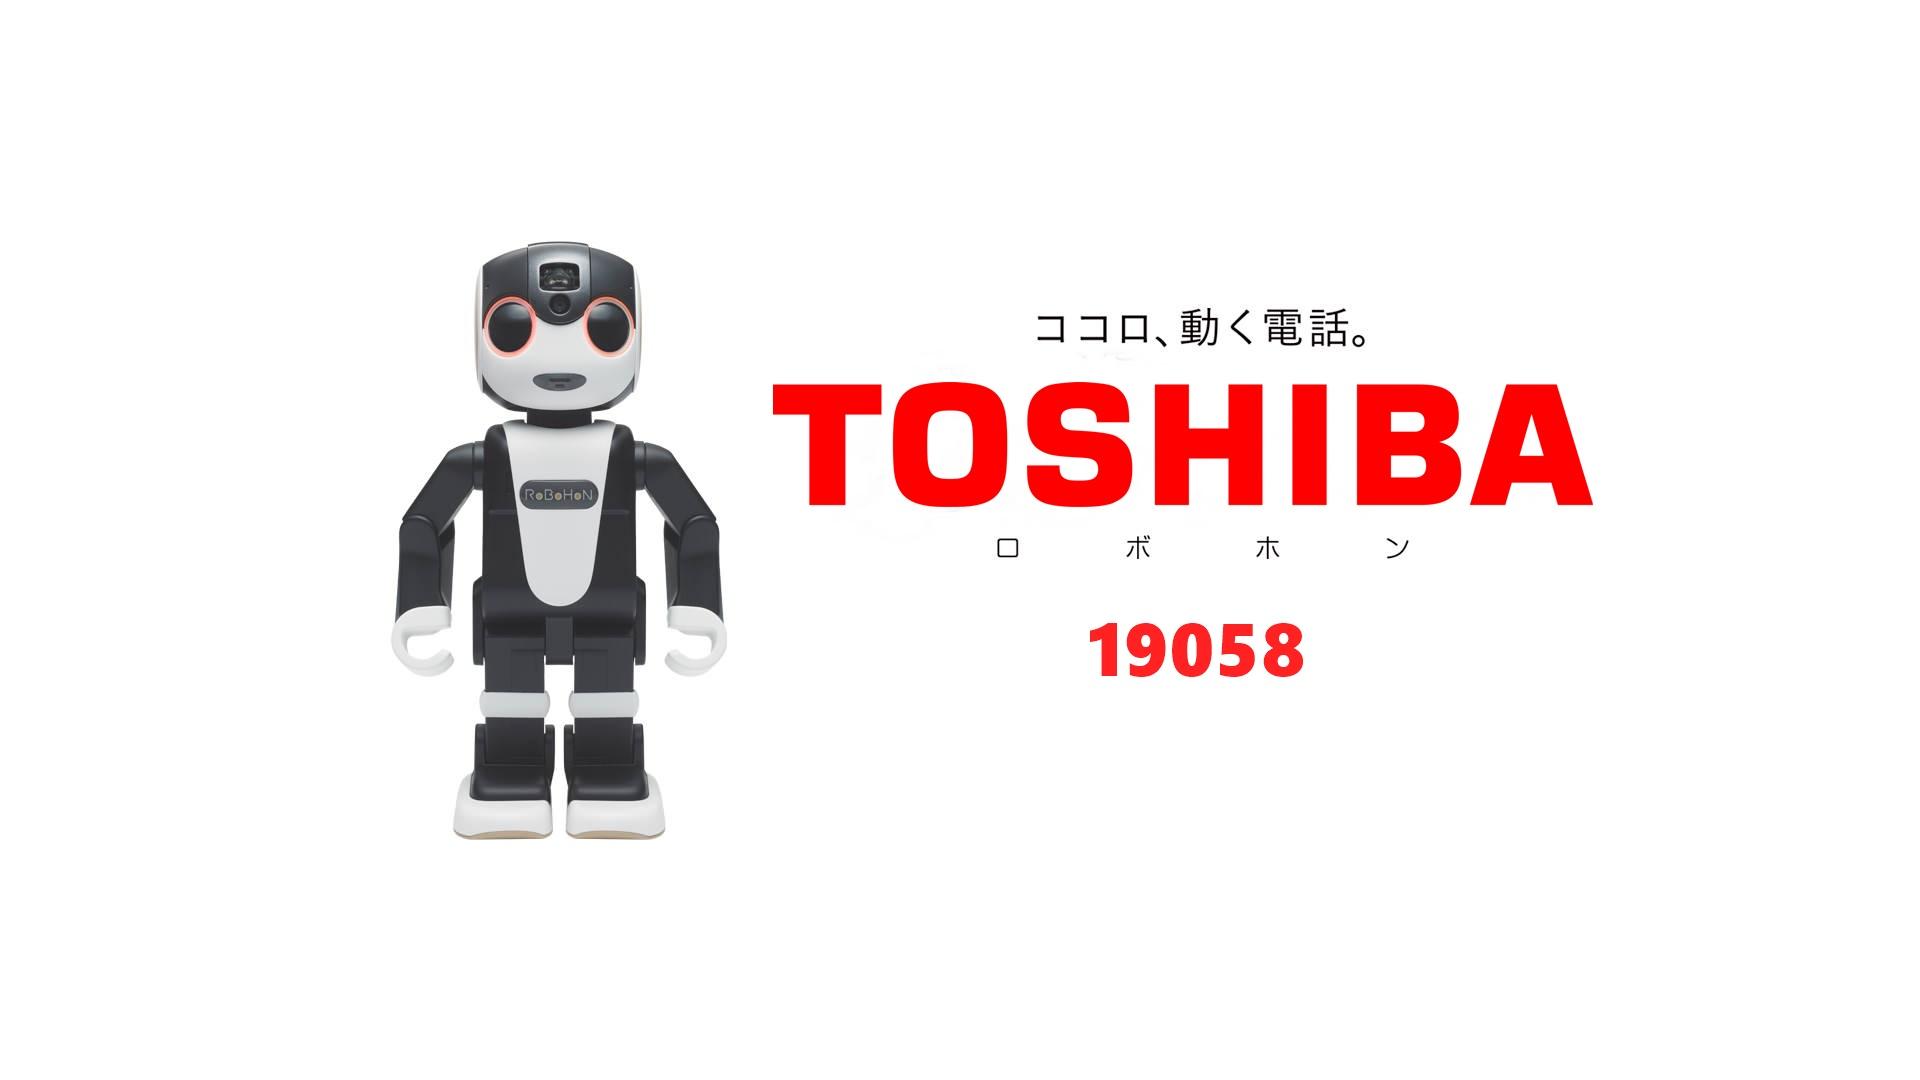 toshiba_6_robohon